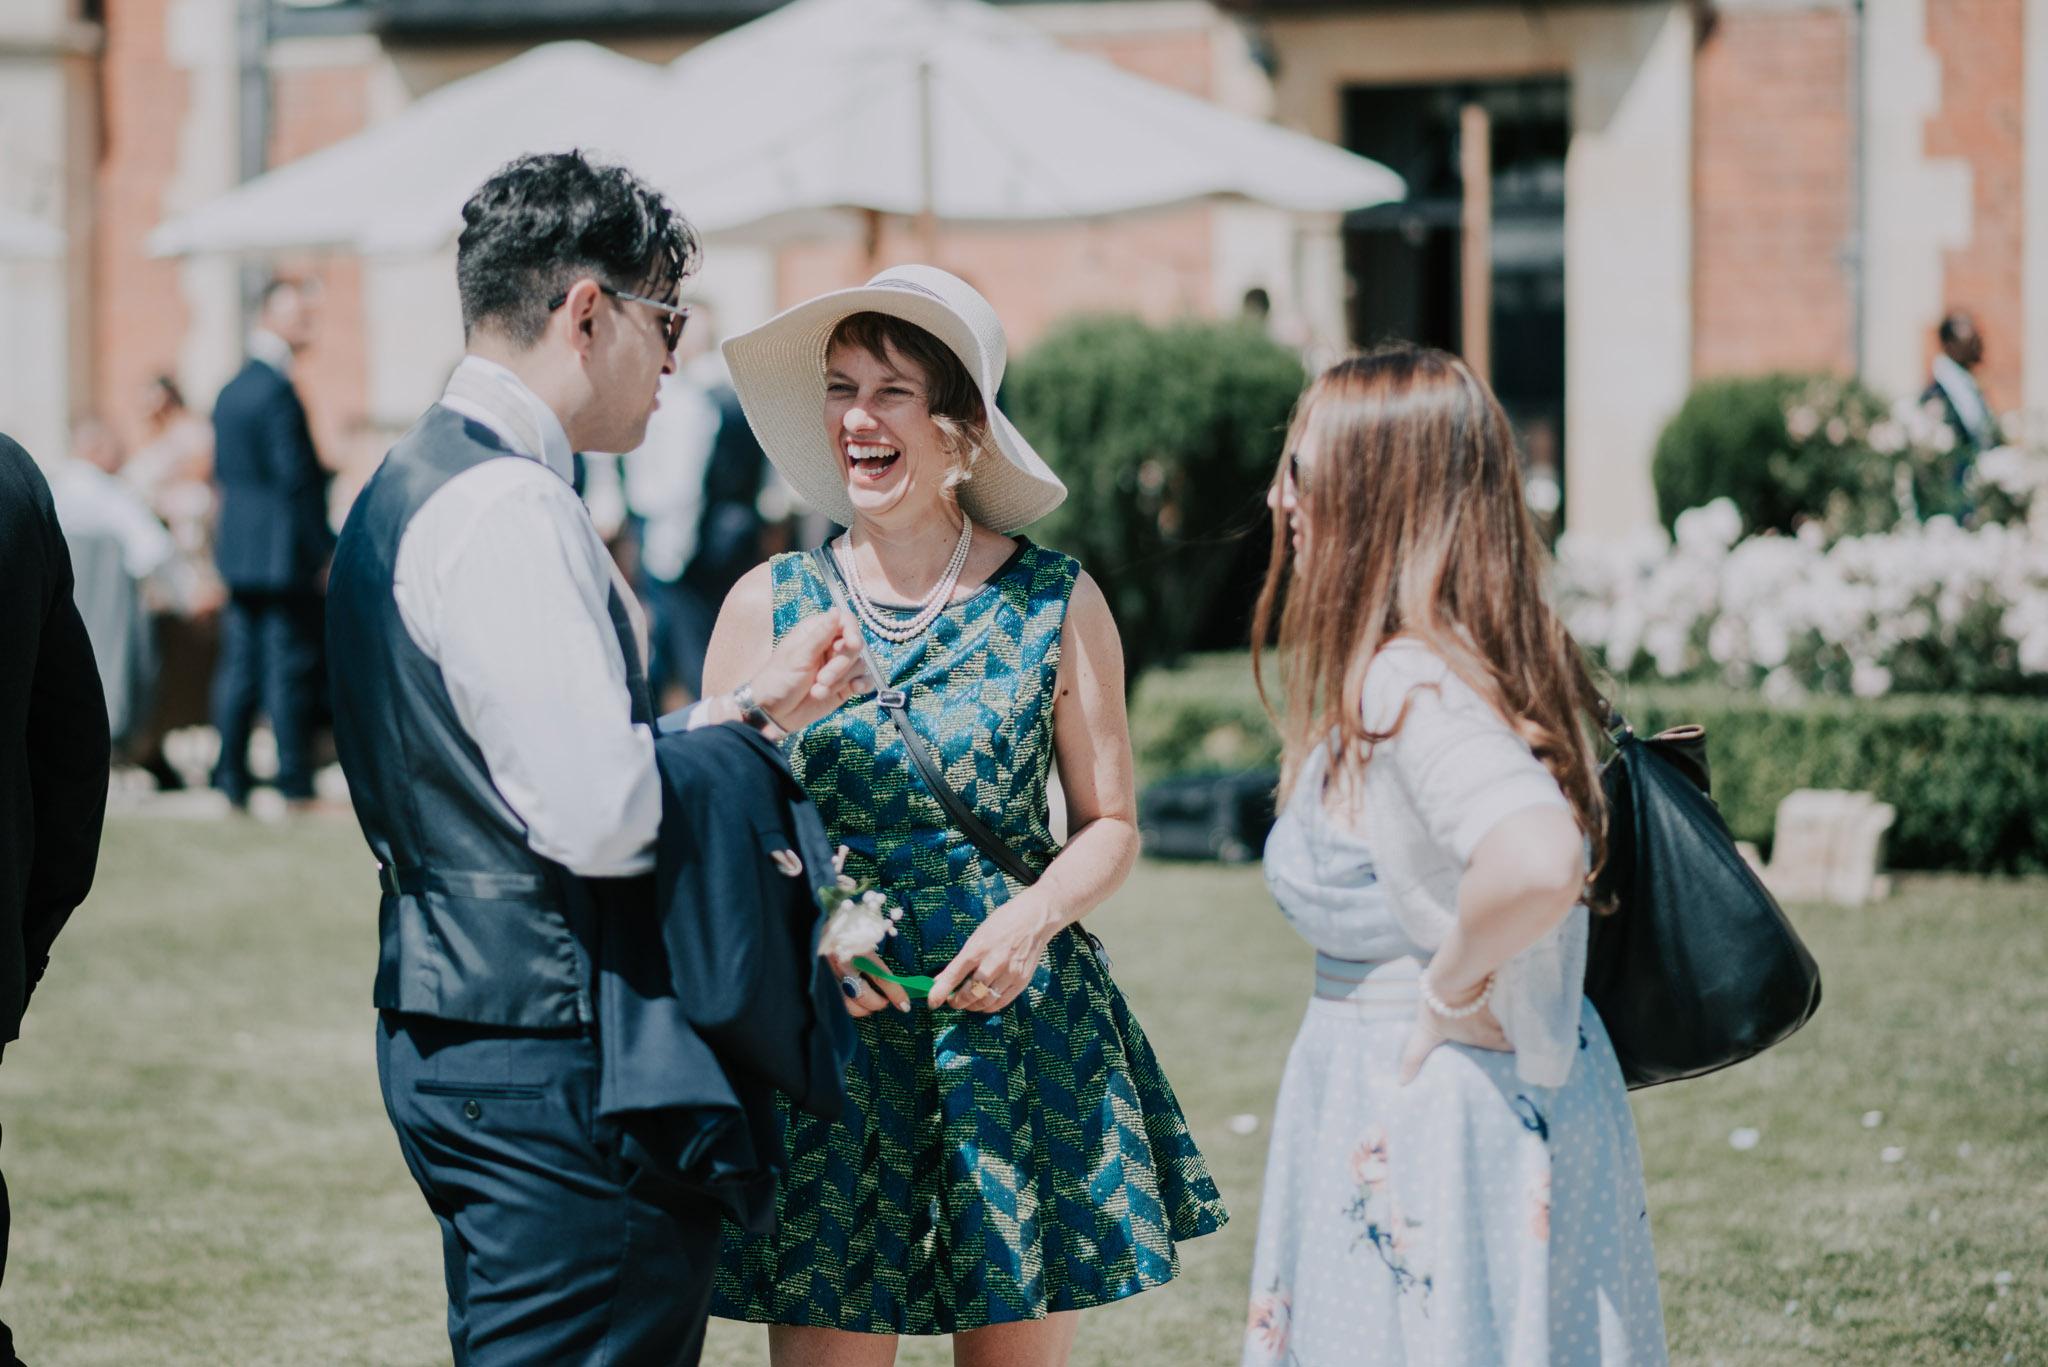 scott-stockwell-wedding-photographer-wood-norton-evesham209.jpg